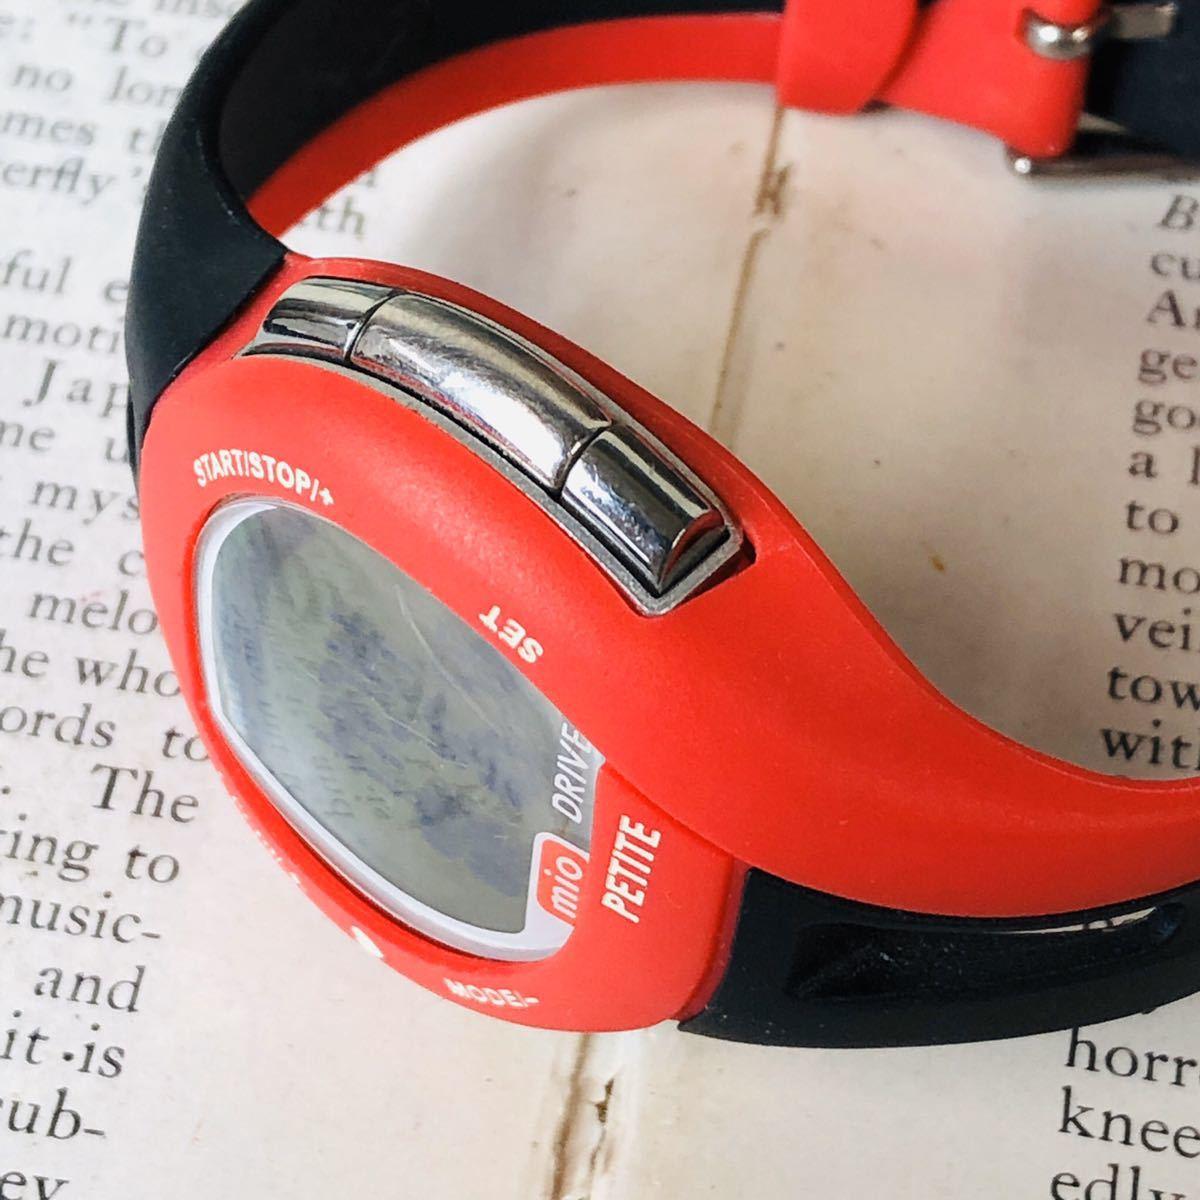 mio ミオ 腕時計 ブラック レッド DRIVE 心拍計 デジタル 稼動品 W1028_画像4